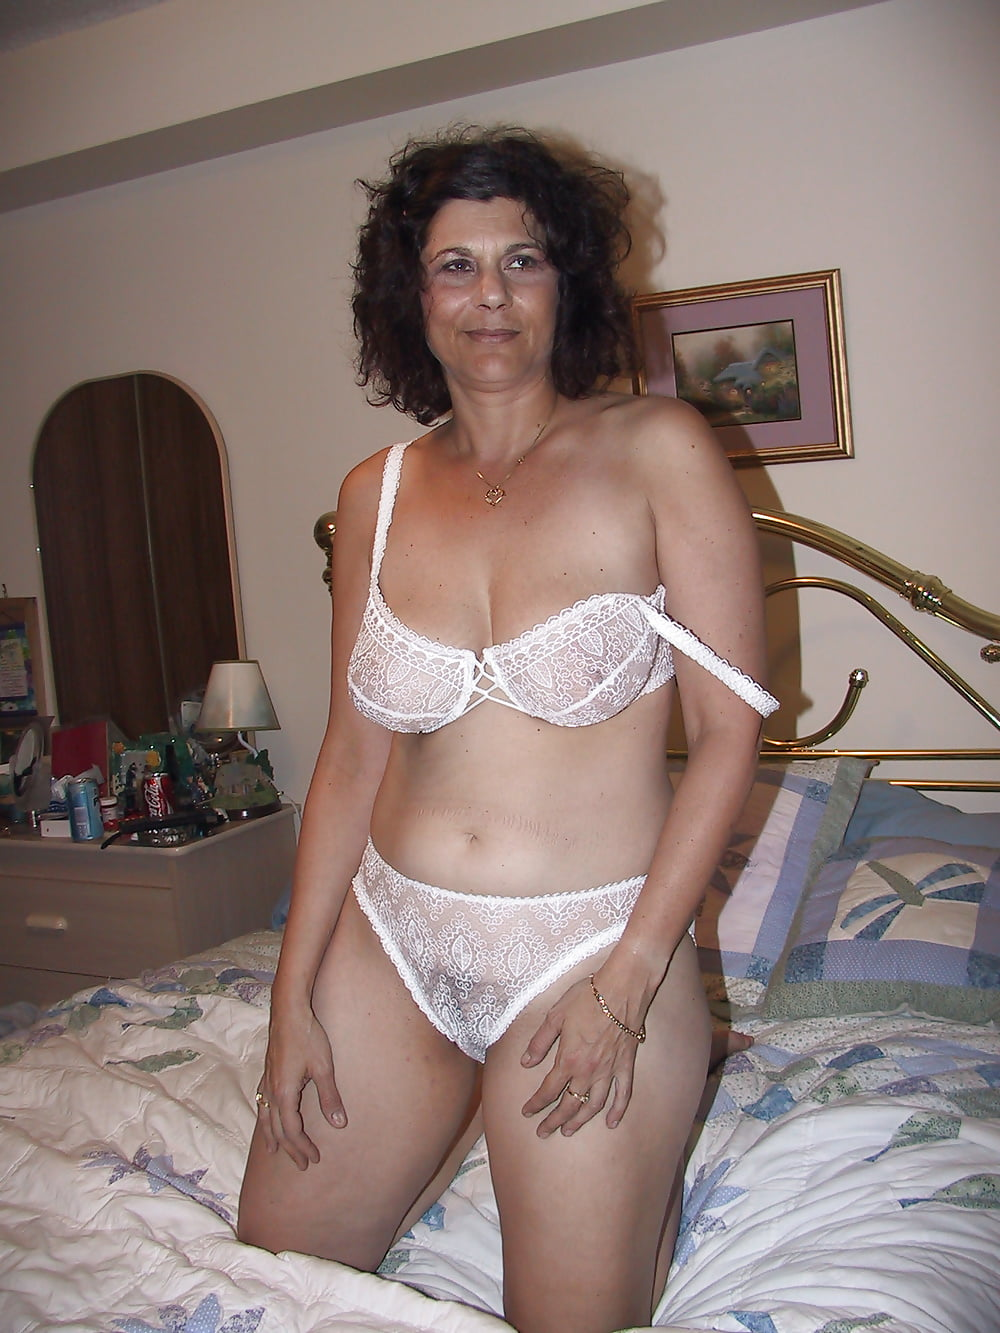 Wife panties pics, nude wives porn photos